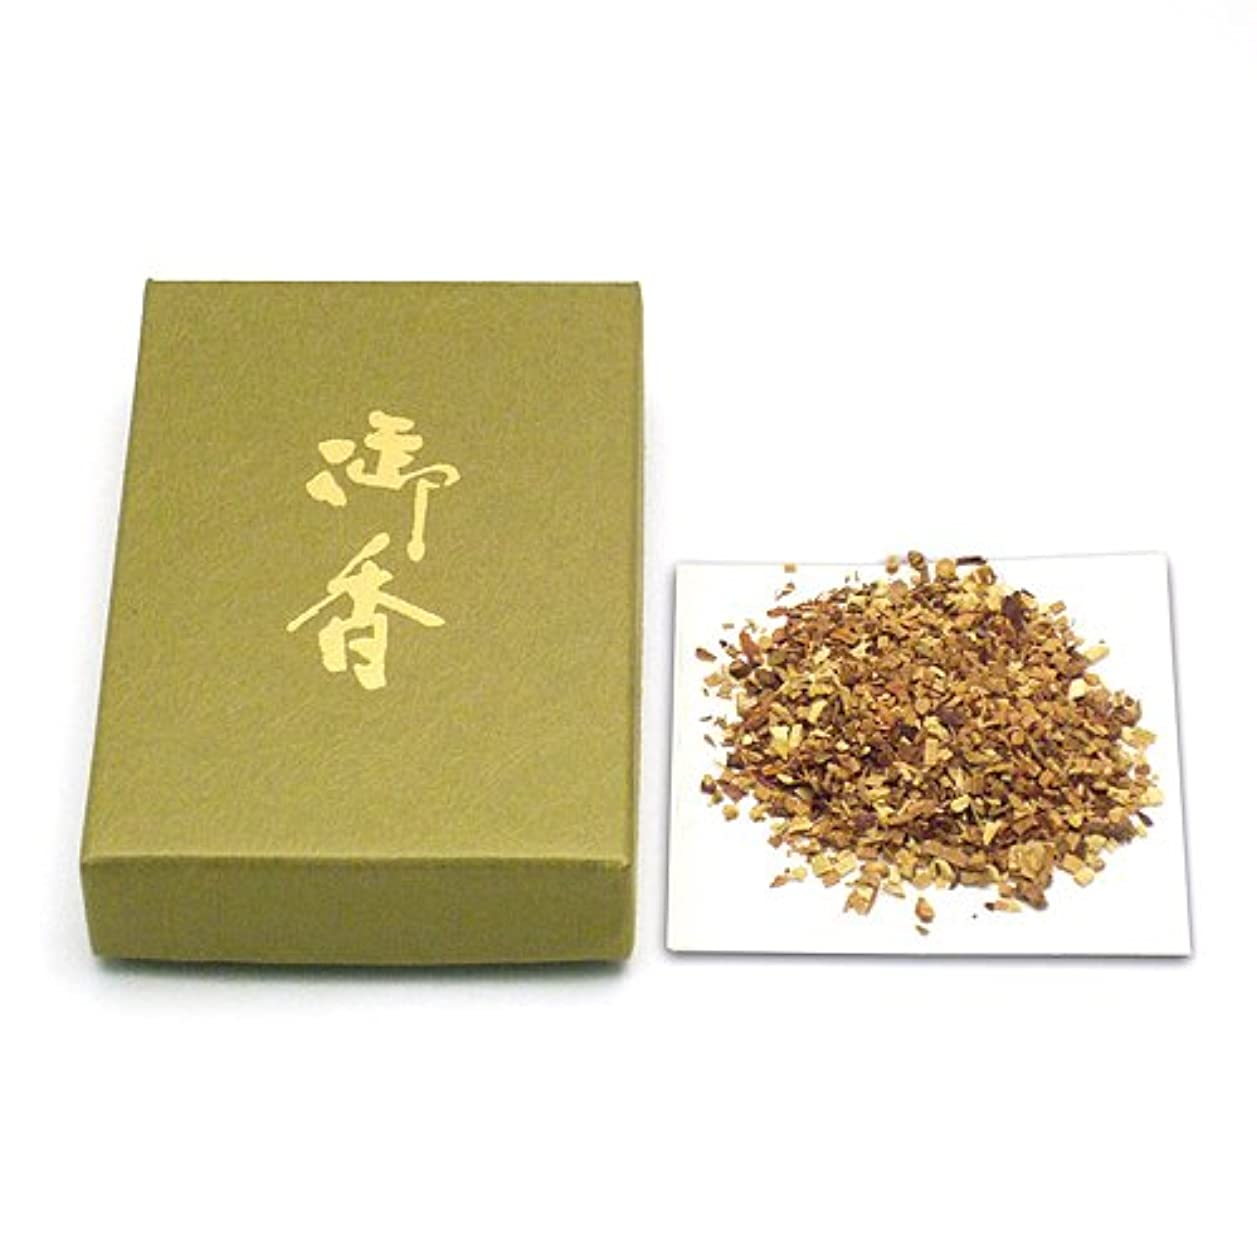 宣教師戦争発症焼香用御香 超徳印 25g◆お焼香用の御香